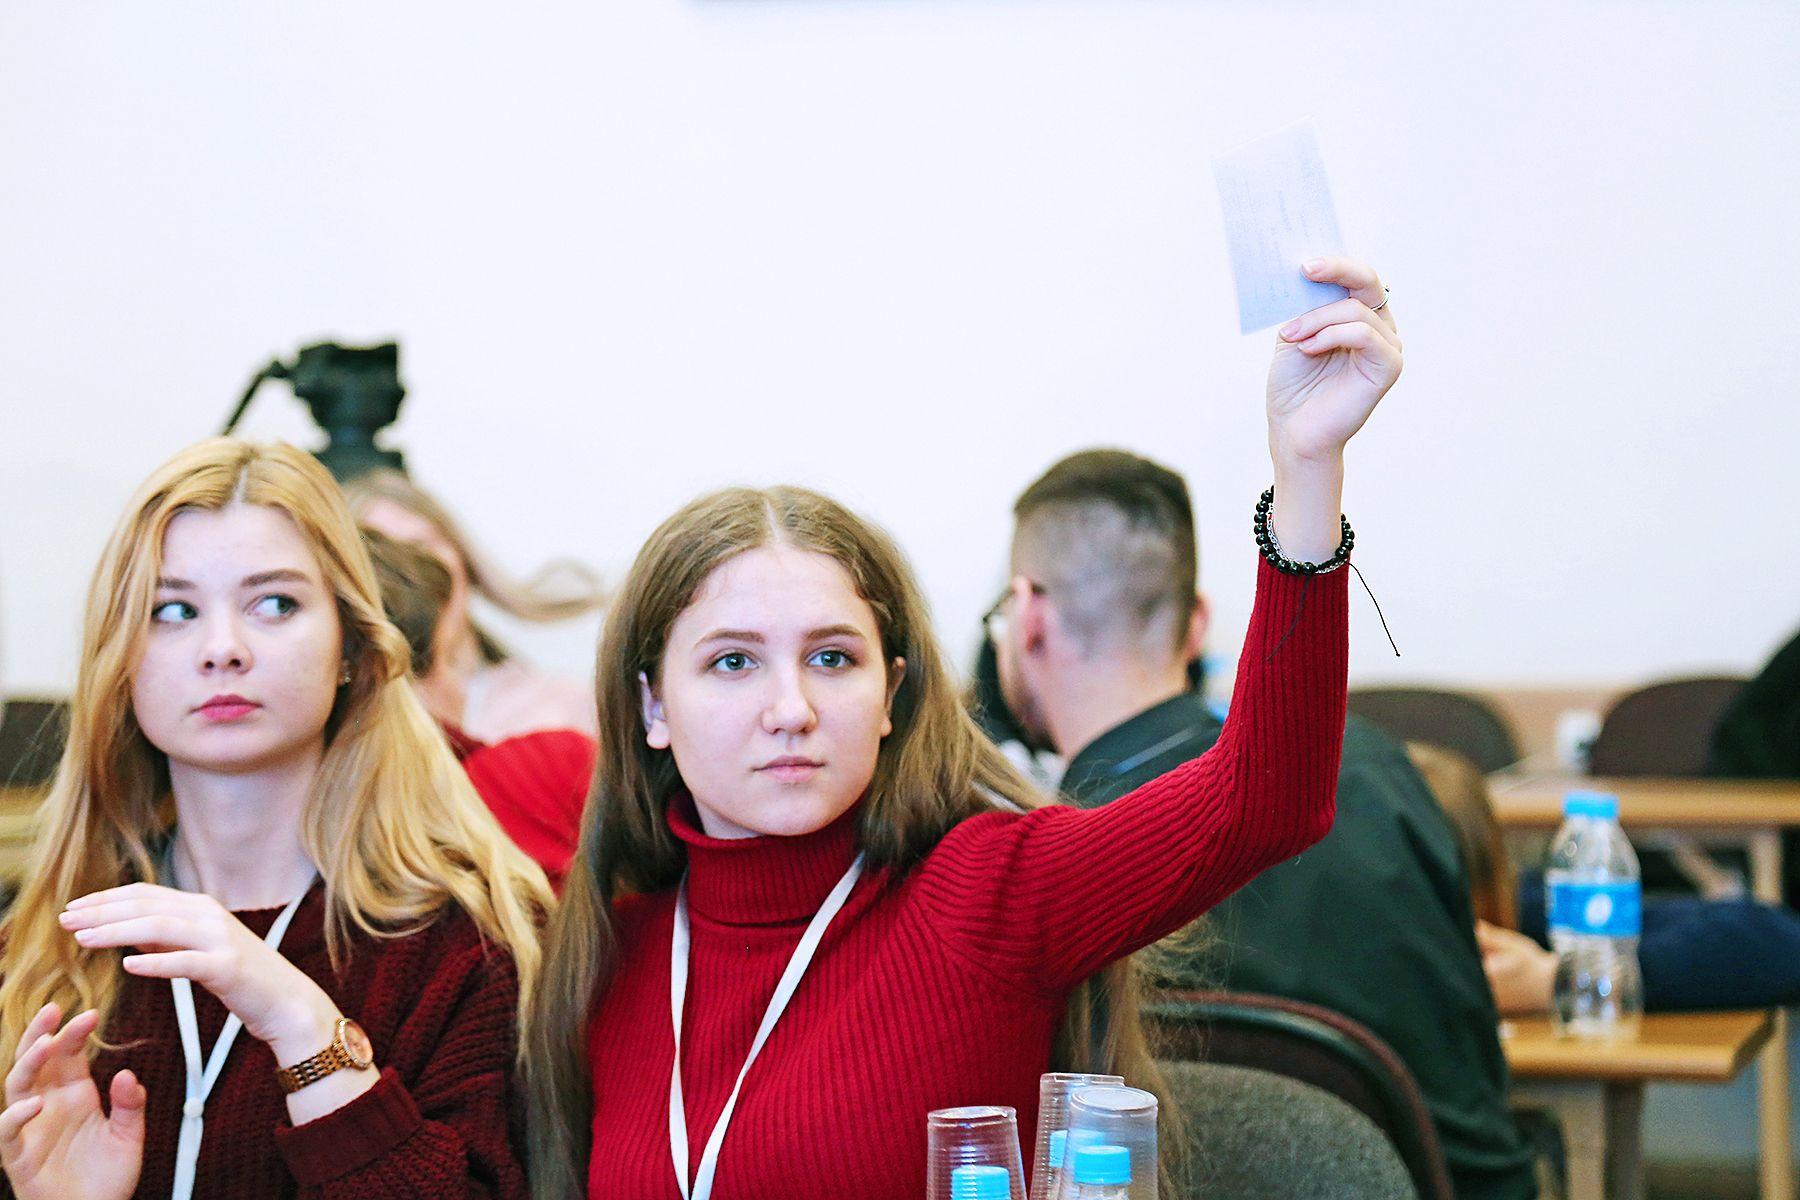 Студенты ВГУЭС показали отличные знания истории Владивостока и развития финансовых институтов в интеллектуальной игре от Банка России